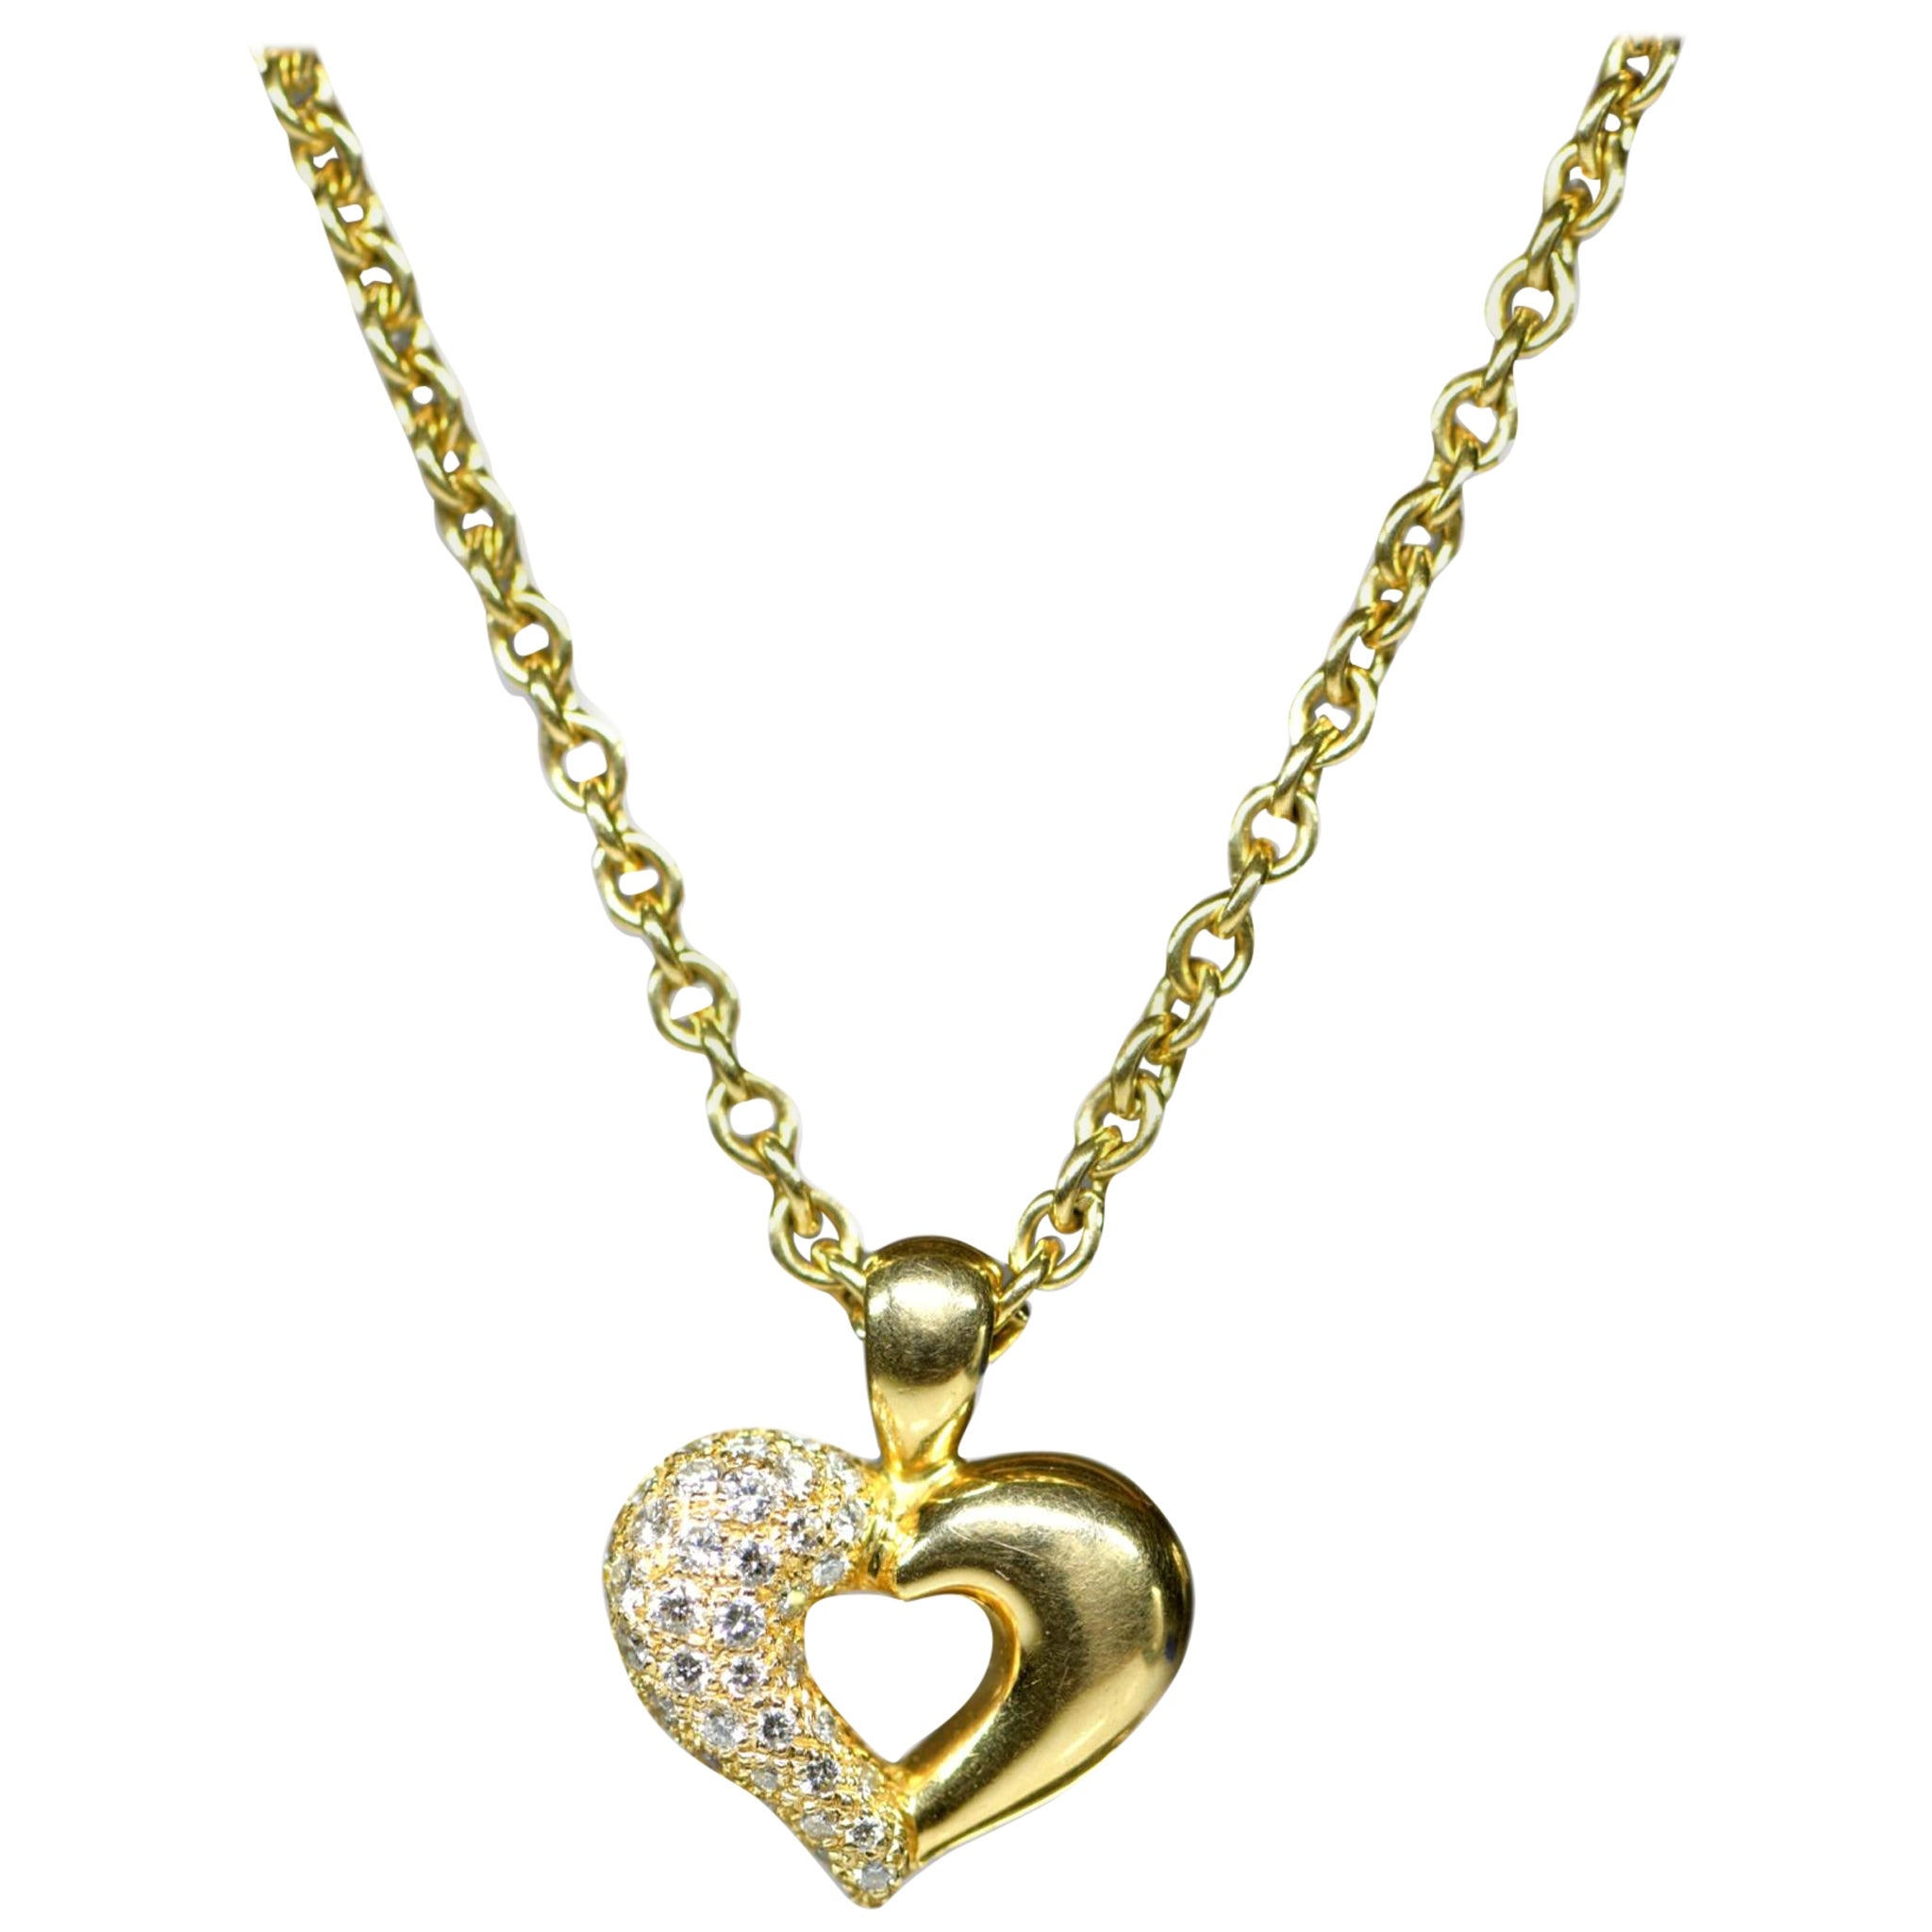 Van Cleef & Arpels 18 Karat Yellow Gold Diamond Heart Pendant Necklace